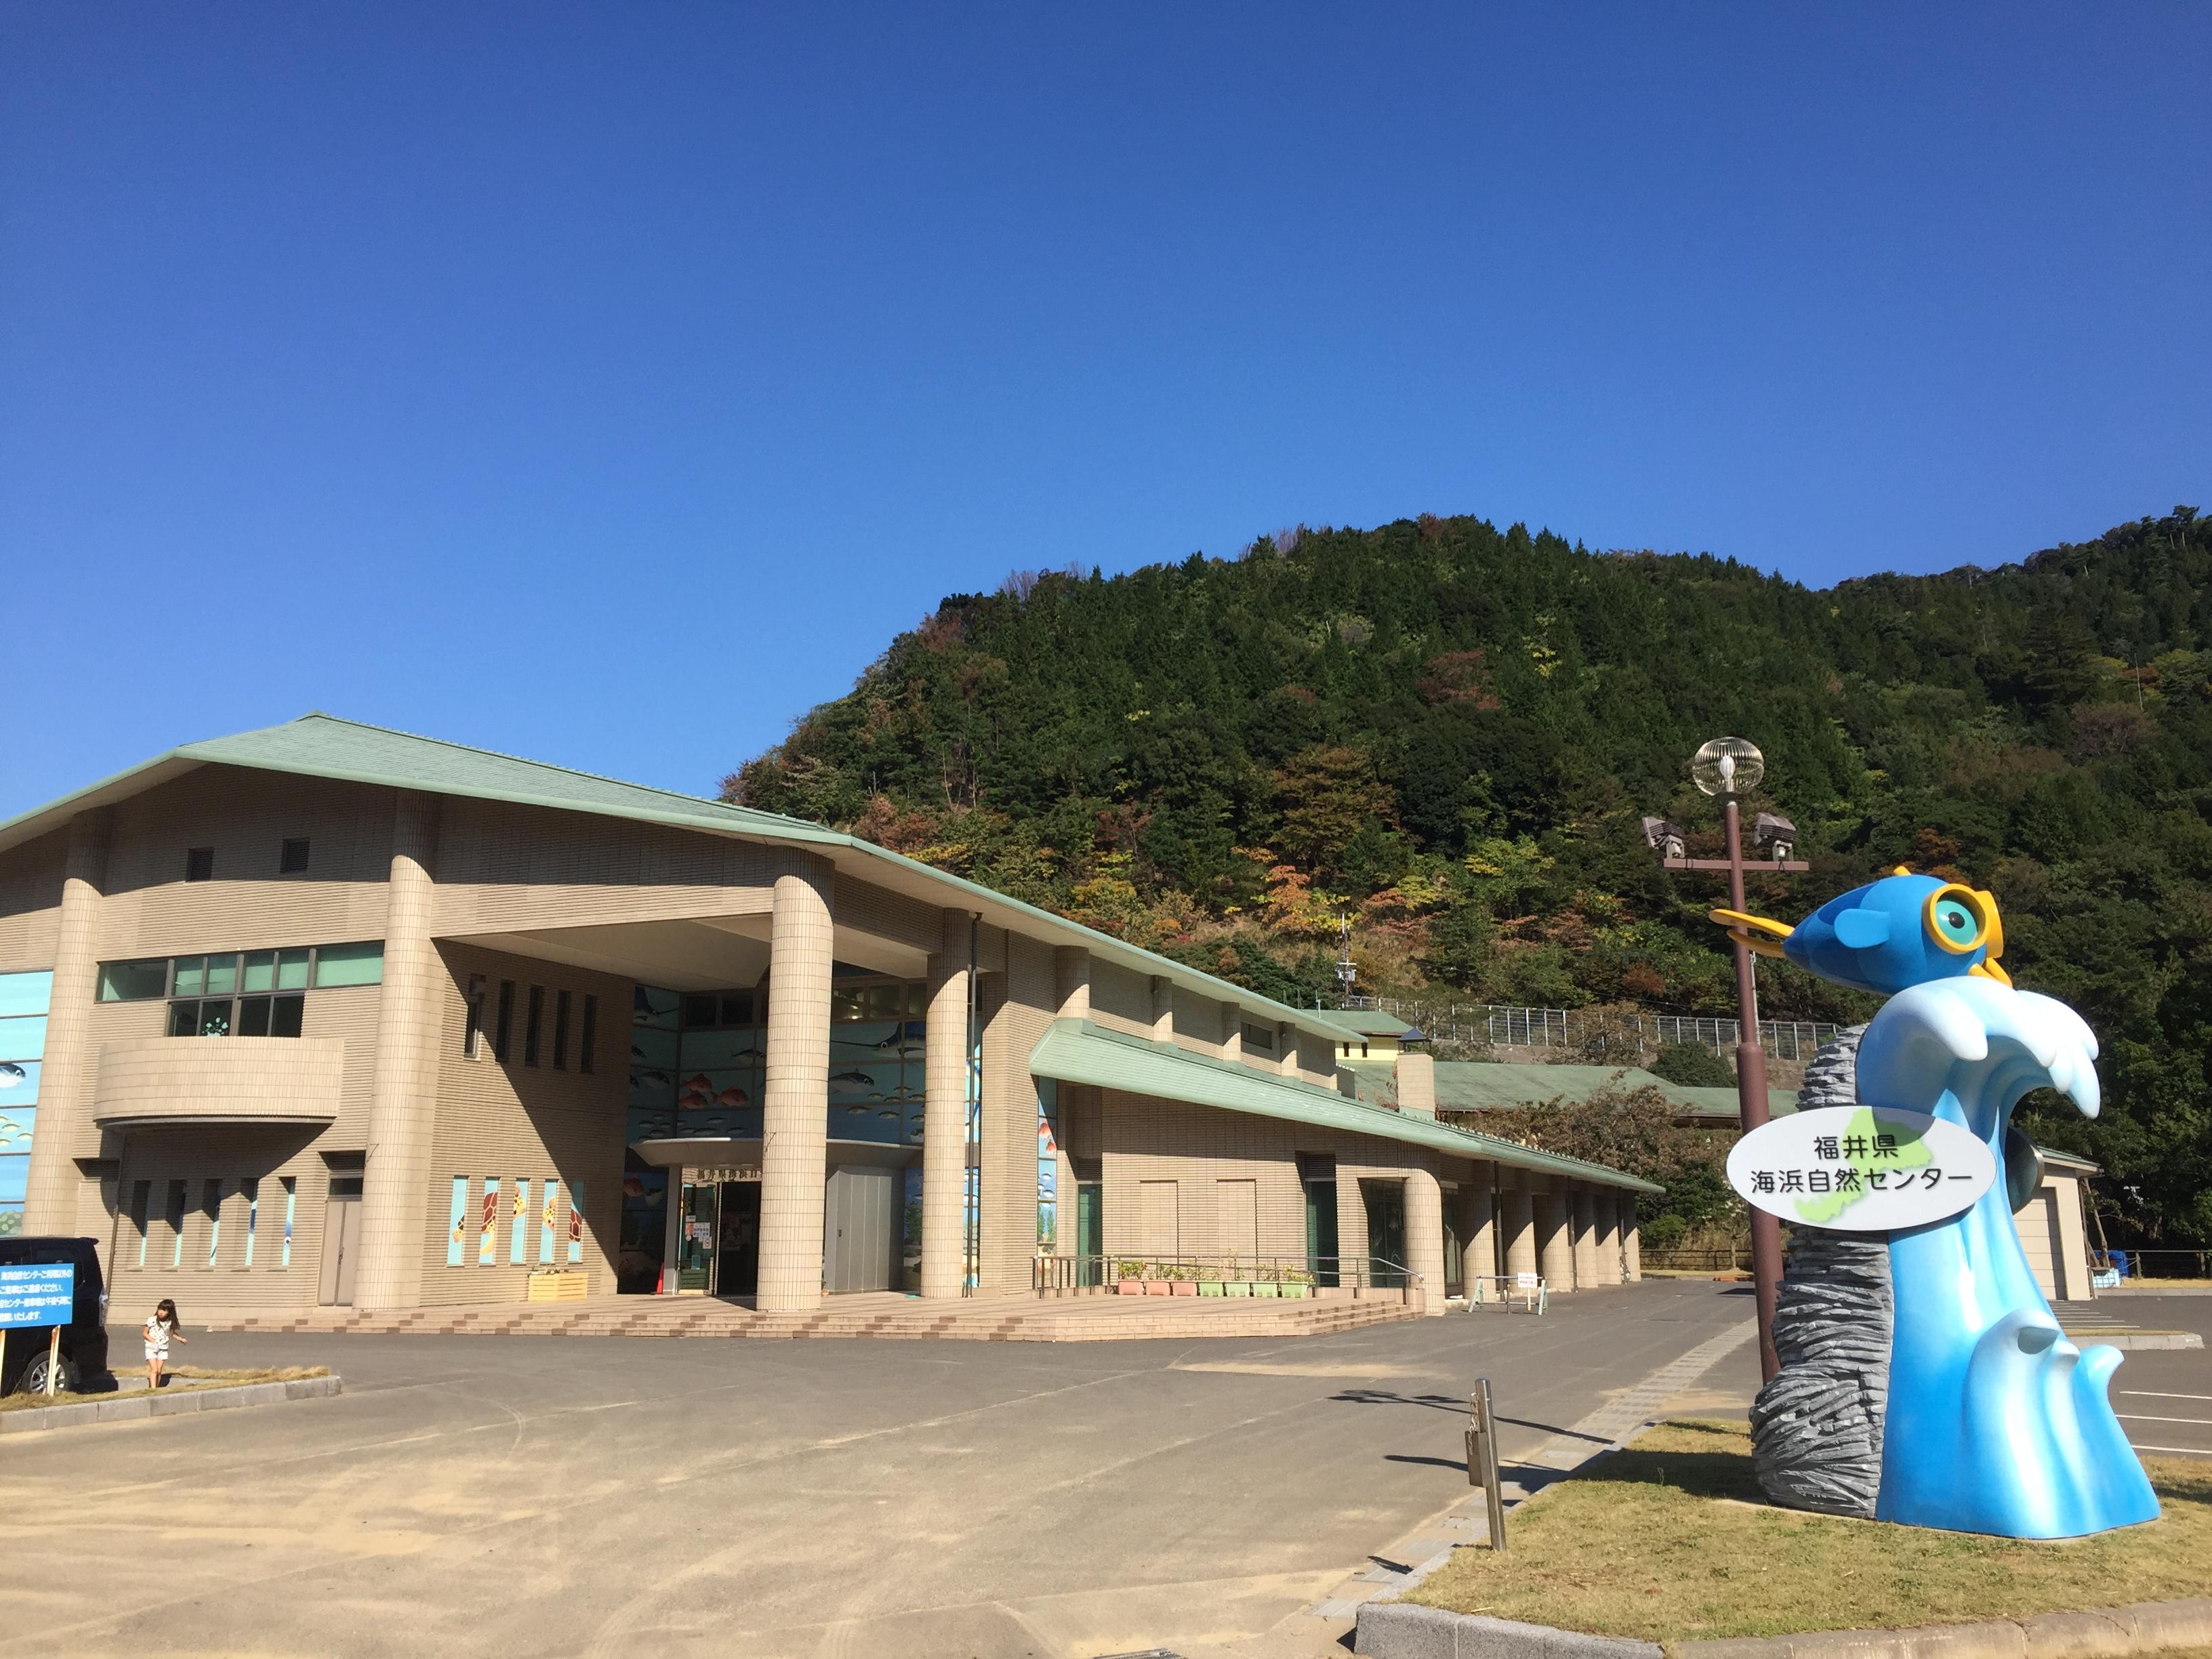 福井県海浜自然センターで子どもと遊び方!5/19~開館中!! 2020.07.04時点